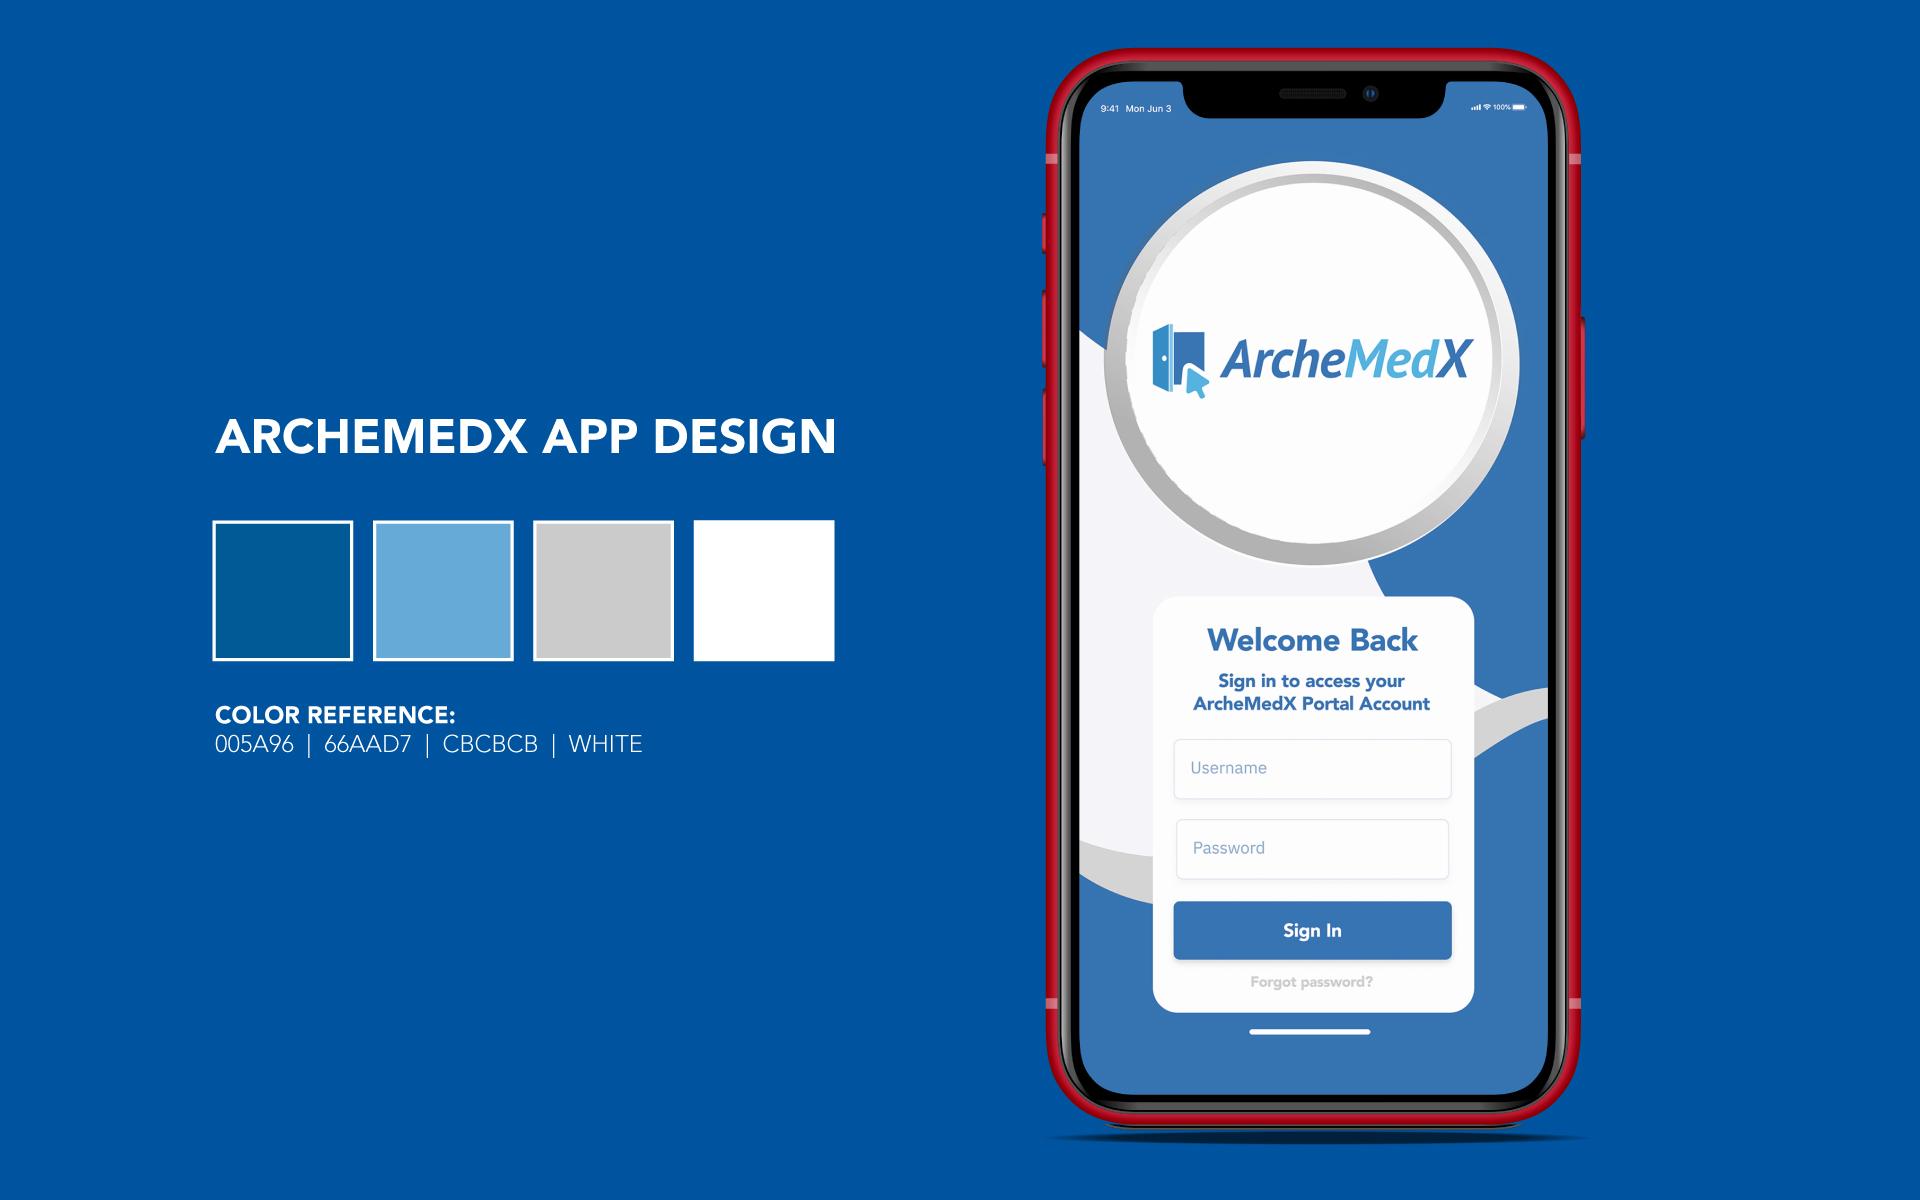 ArcheMedX App Design